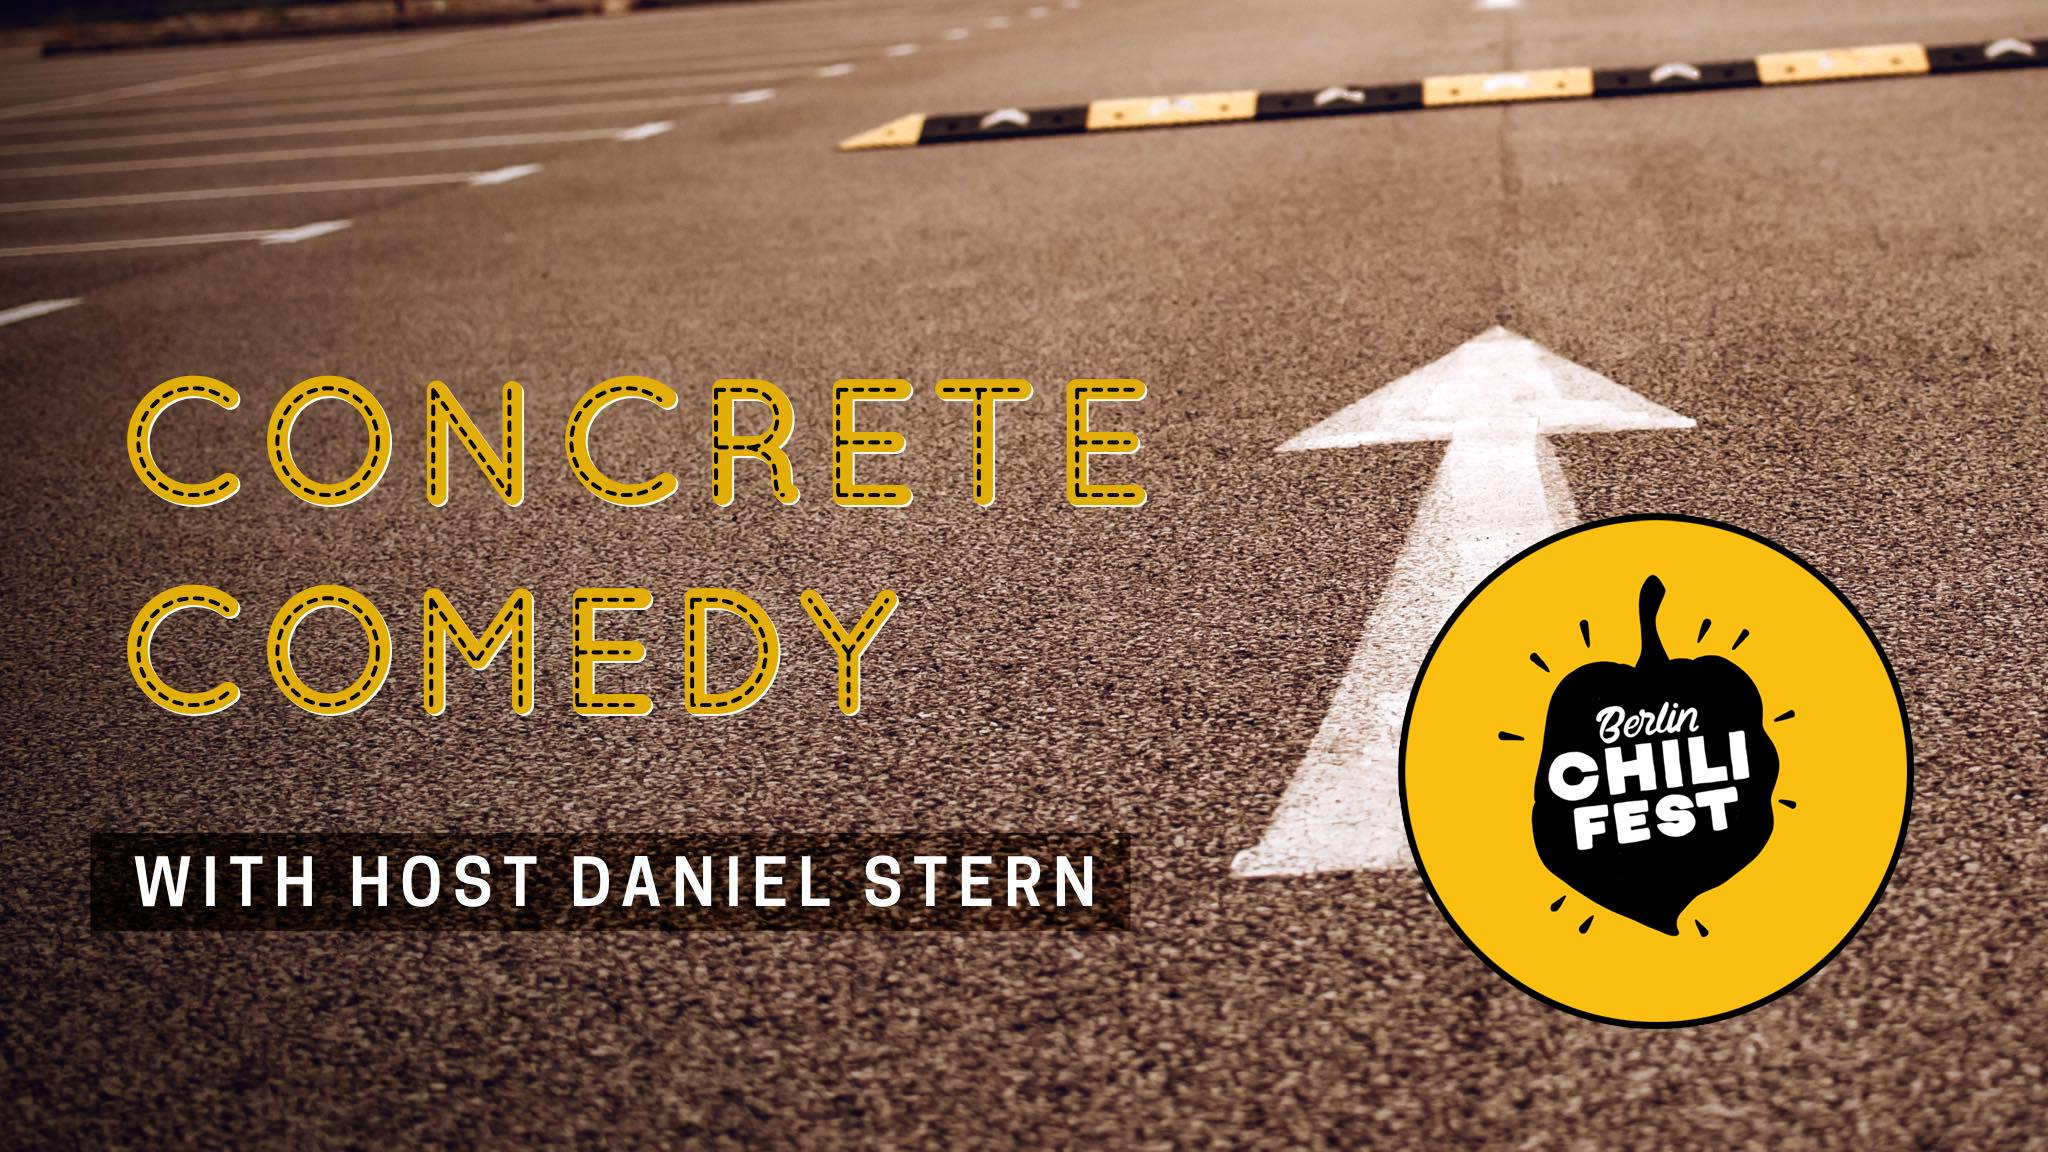 Berlin Chili Fest // Concrete Comedy with Dan Stern